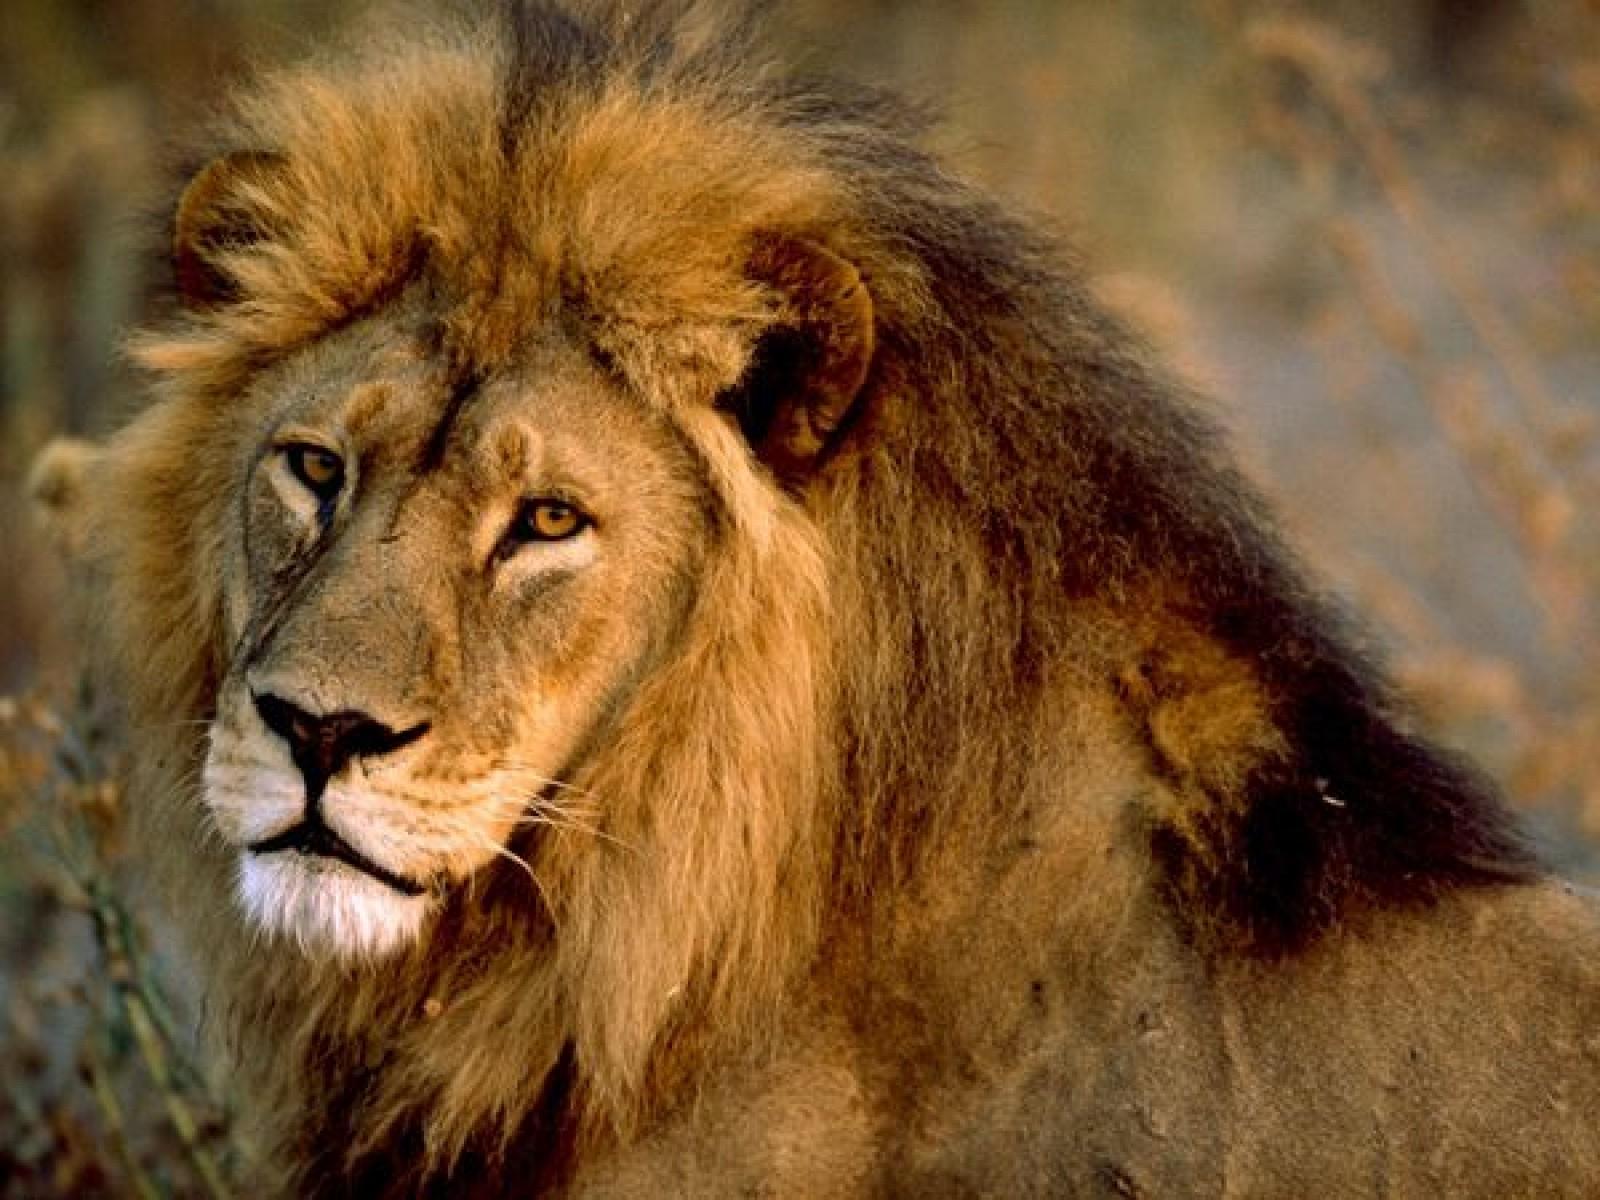 Dessins En Couleurs À Imprimer : Lion, Numéro : 684536 dedans Photo De Lion A Imprimer En Couleur